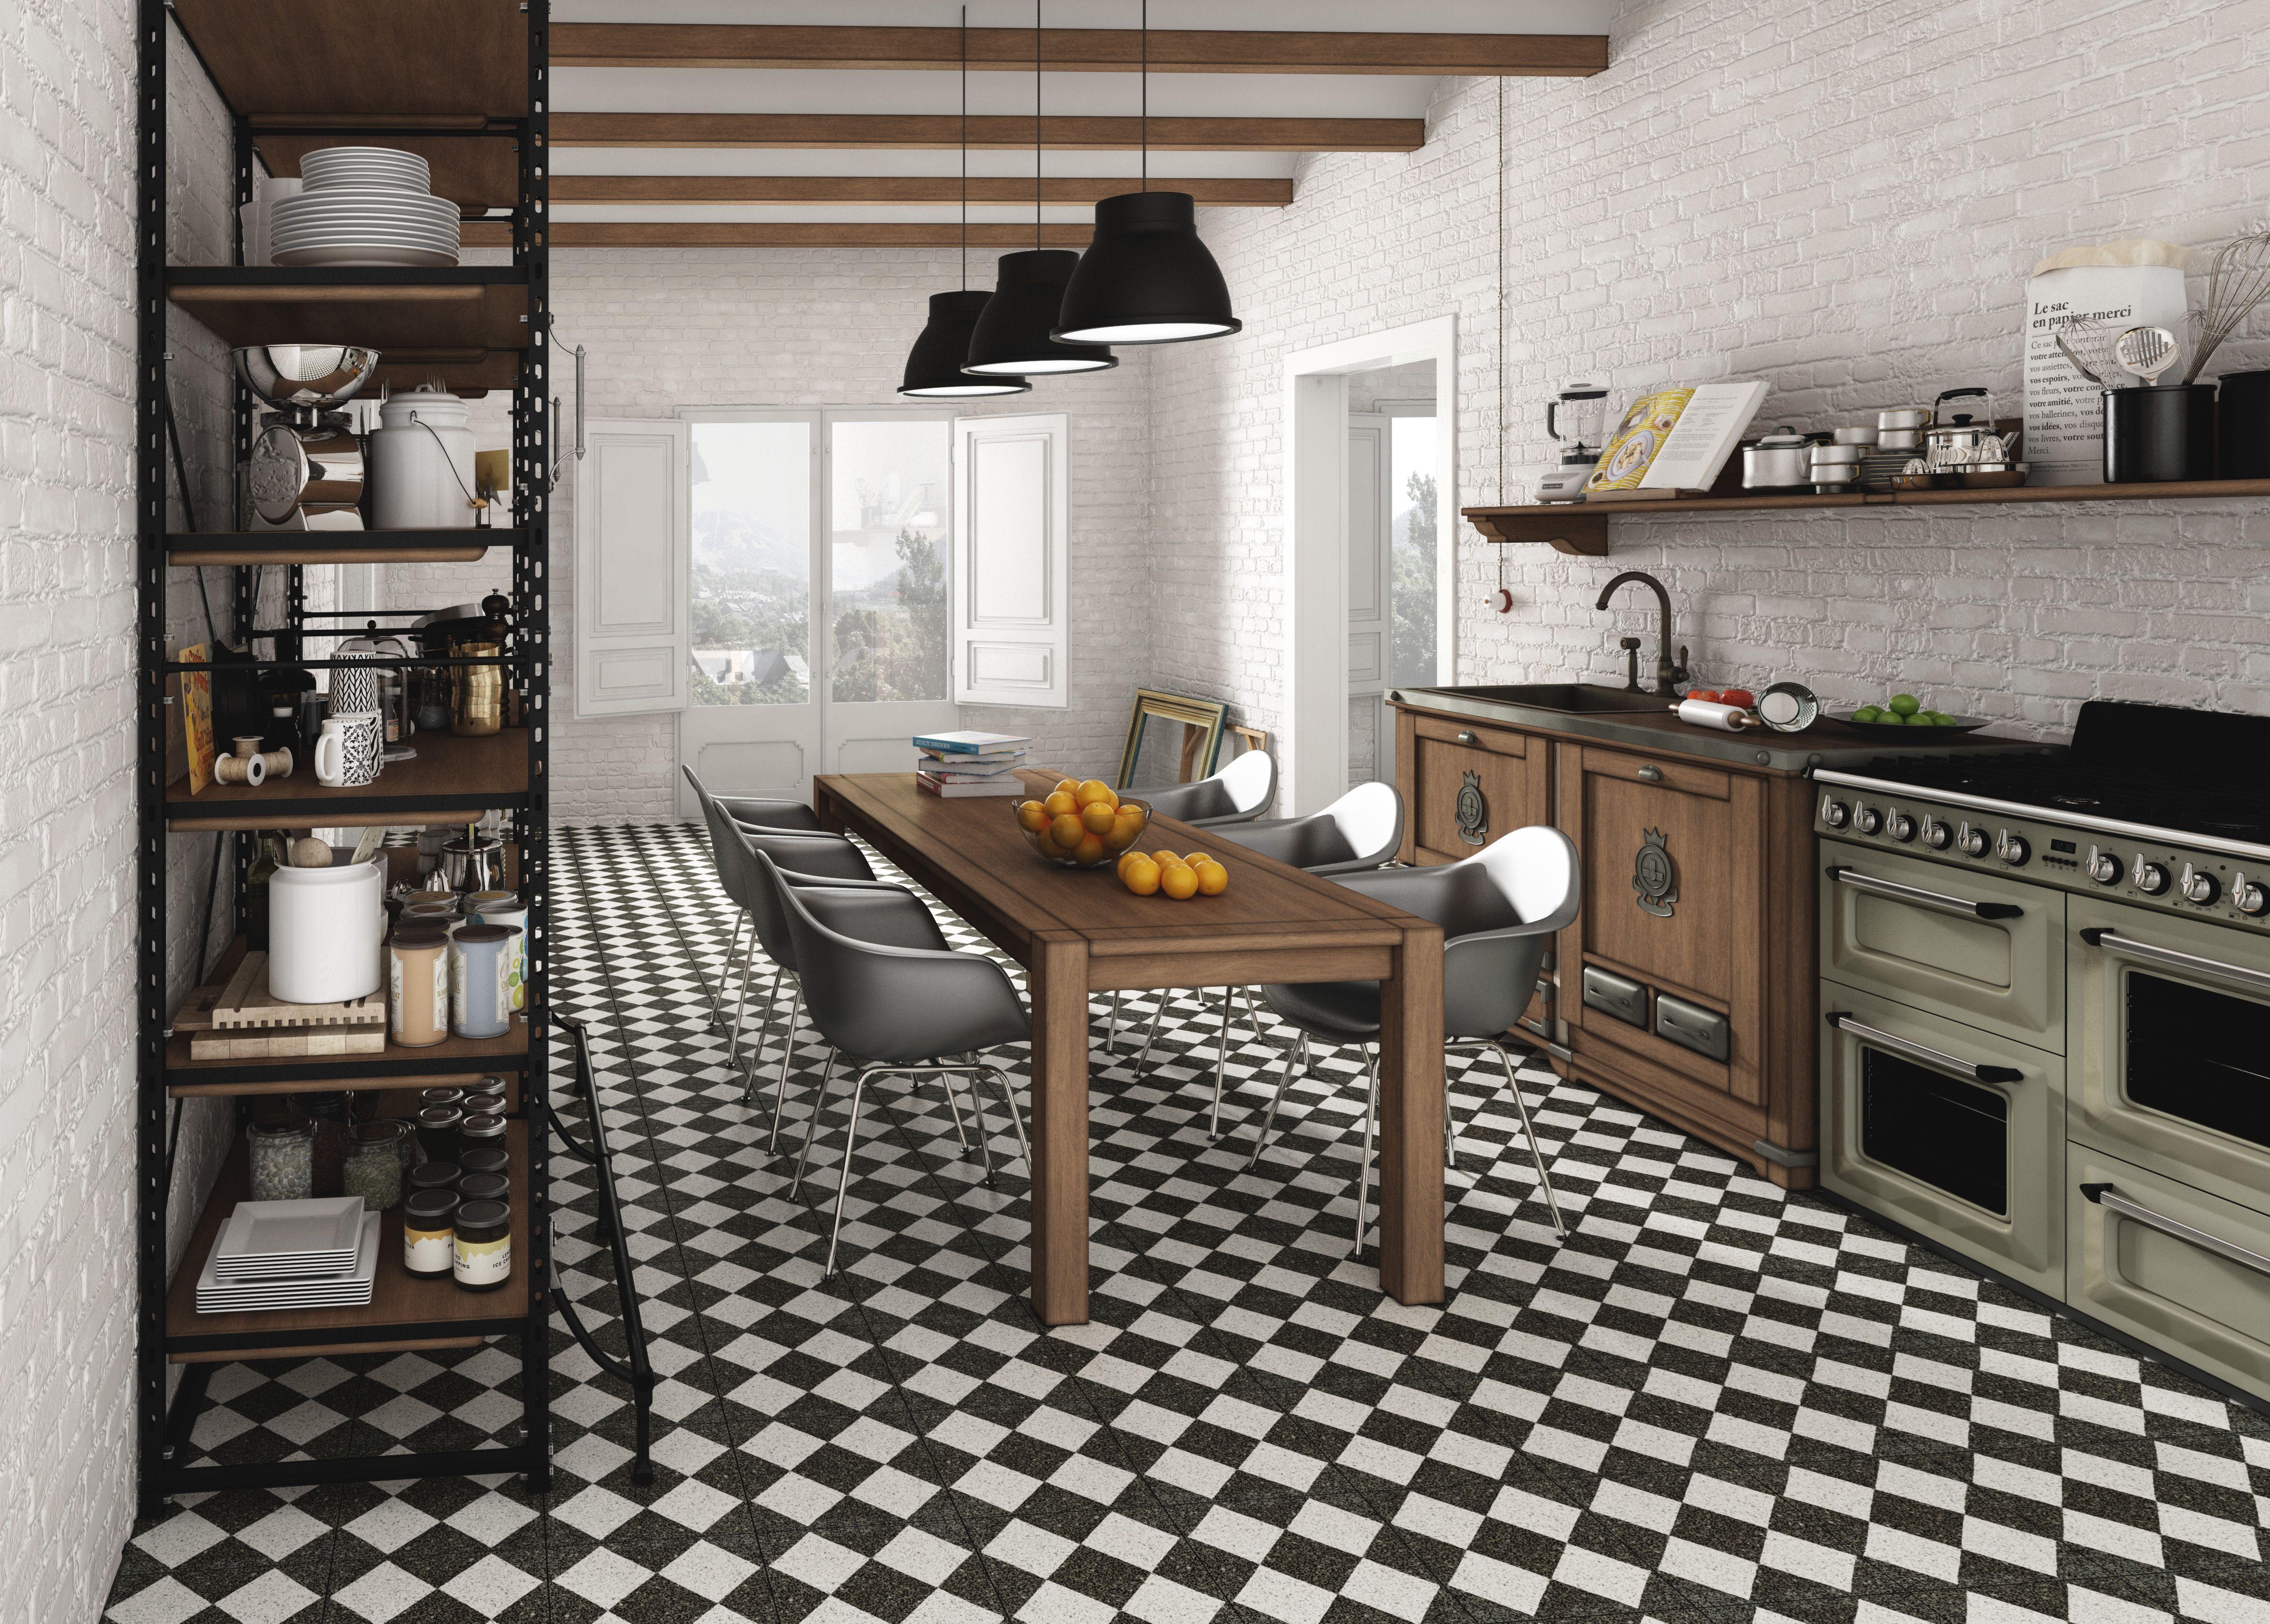 Terrazzo Black Decor / Tradition / Design